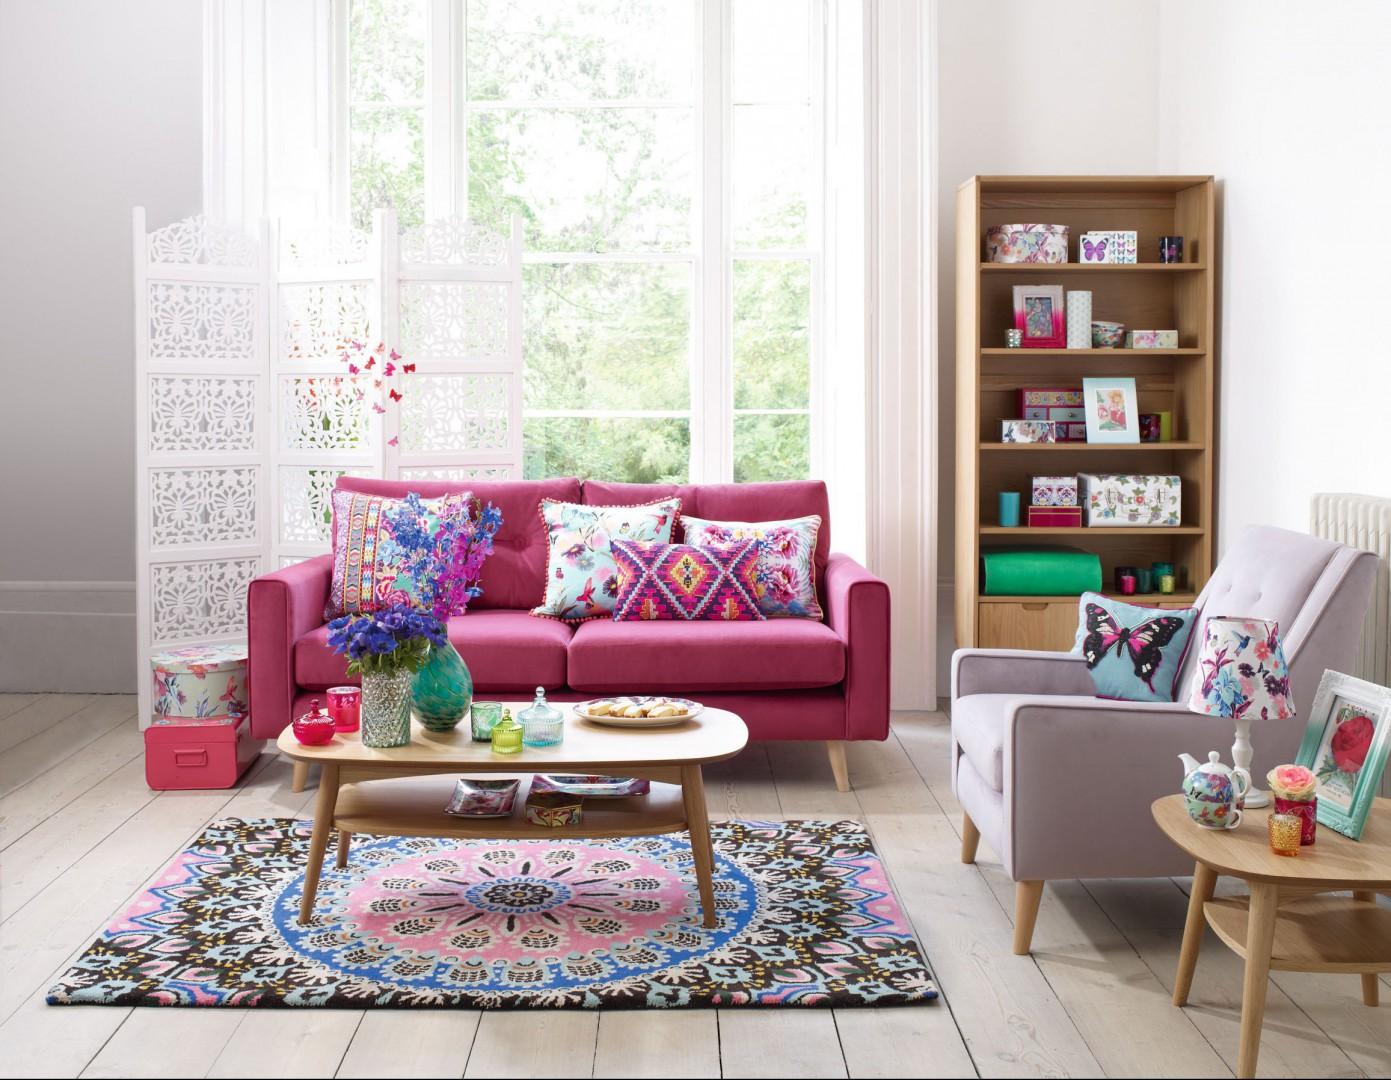 Duży pokój w mieszkaniu lubi zdecydowane barwy. Różowa sofa doskonale współgra z etnicznymi wzorami poduszek i dywanu. Jeśli odcień różu na sofie jest bardzo intensywny możemy uczynić ją jedynym, tak charakterystycznym meblem, zaś całą resztę wyposażenia skomponować w neutralnych kolorach. Fot. Debenhams